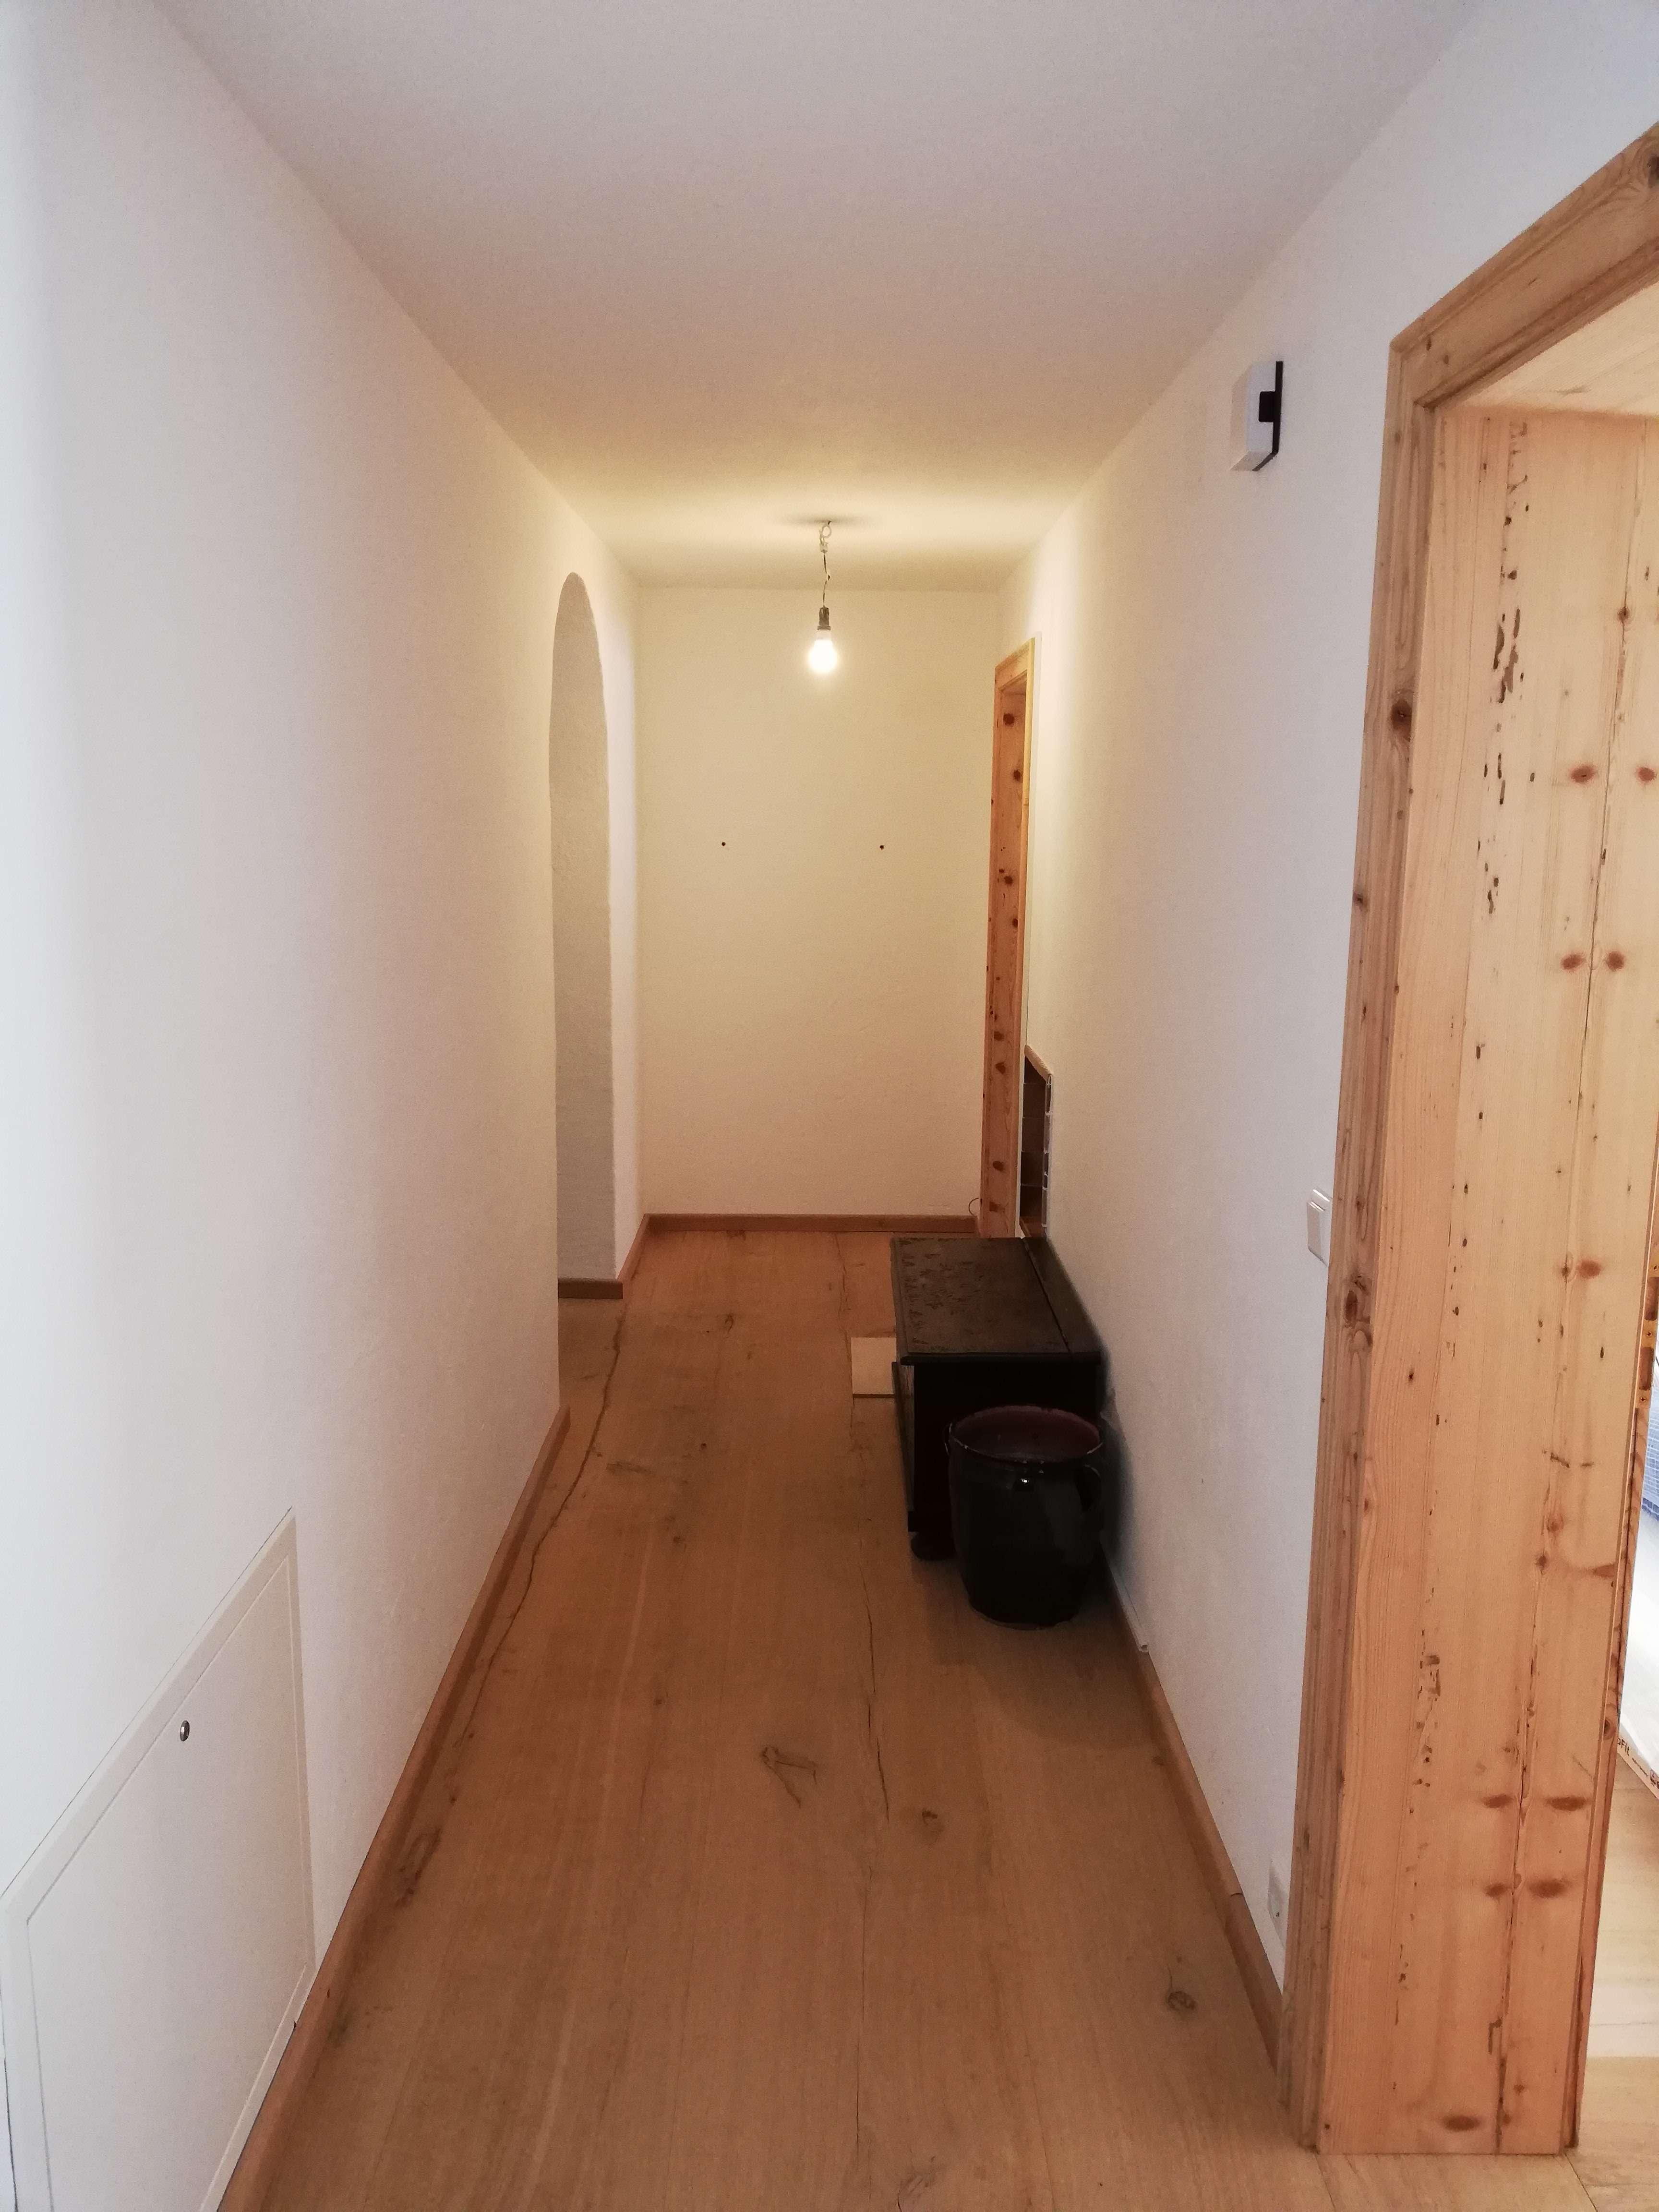 Exklusive, neuwertige 4-Zimmer-Erdgeschosswohnung mit Terrasse und EBK in Rottach-Egern in Rottach-Egern